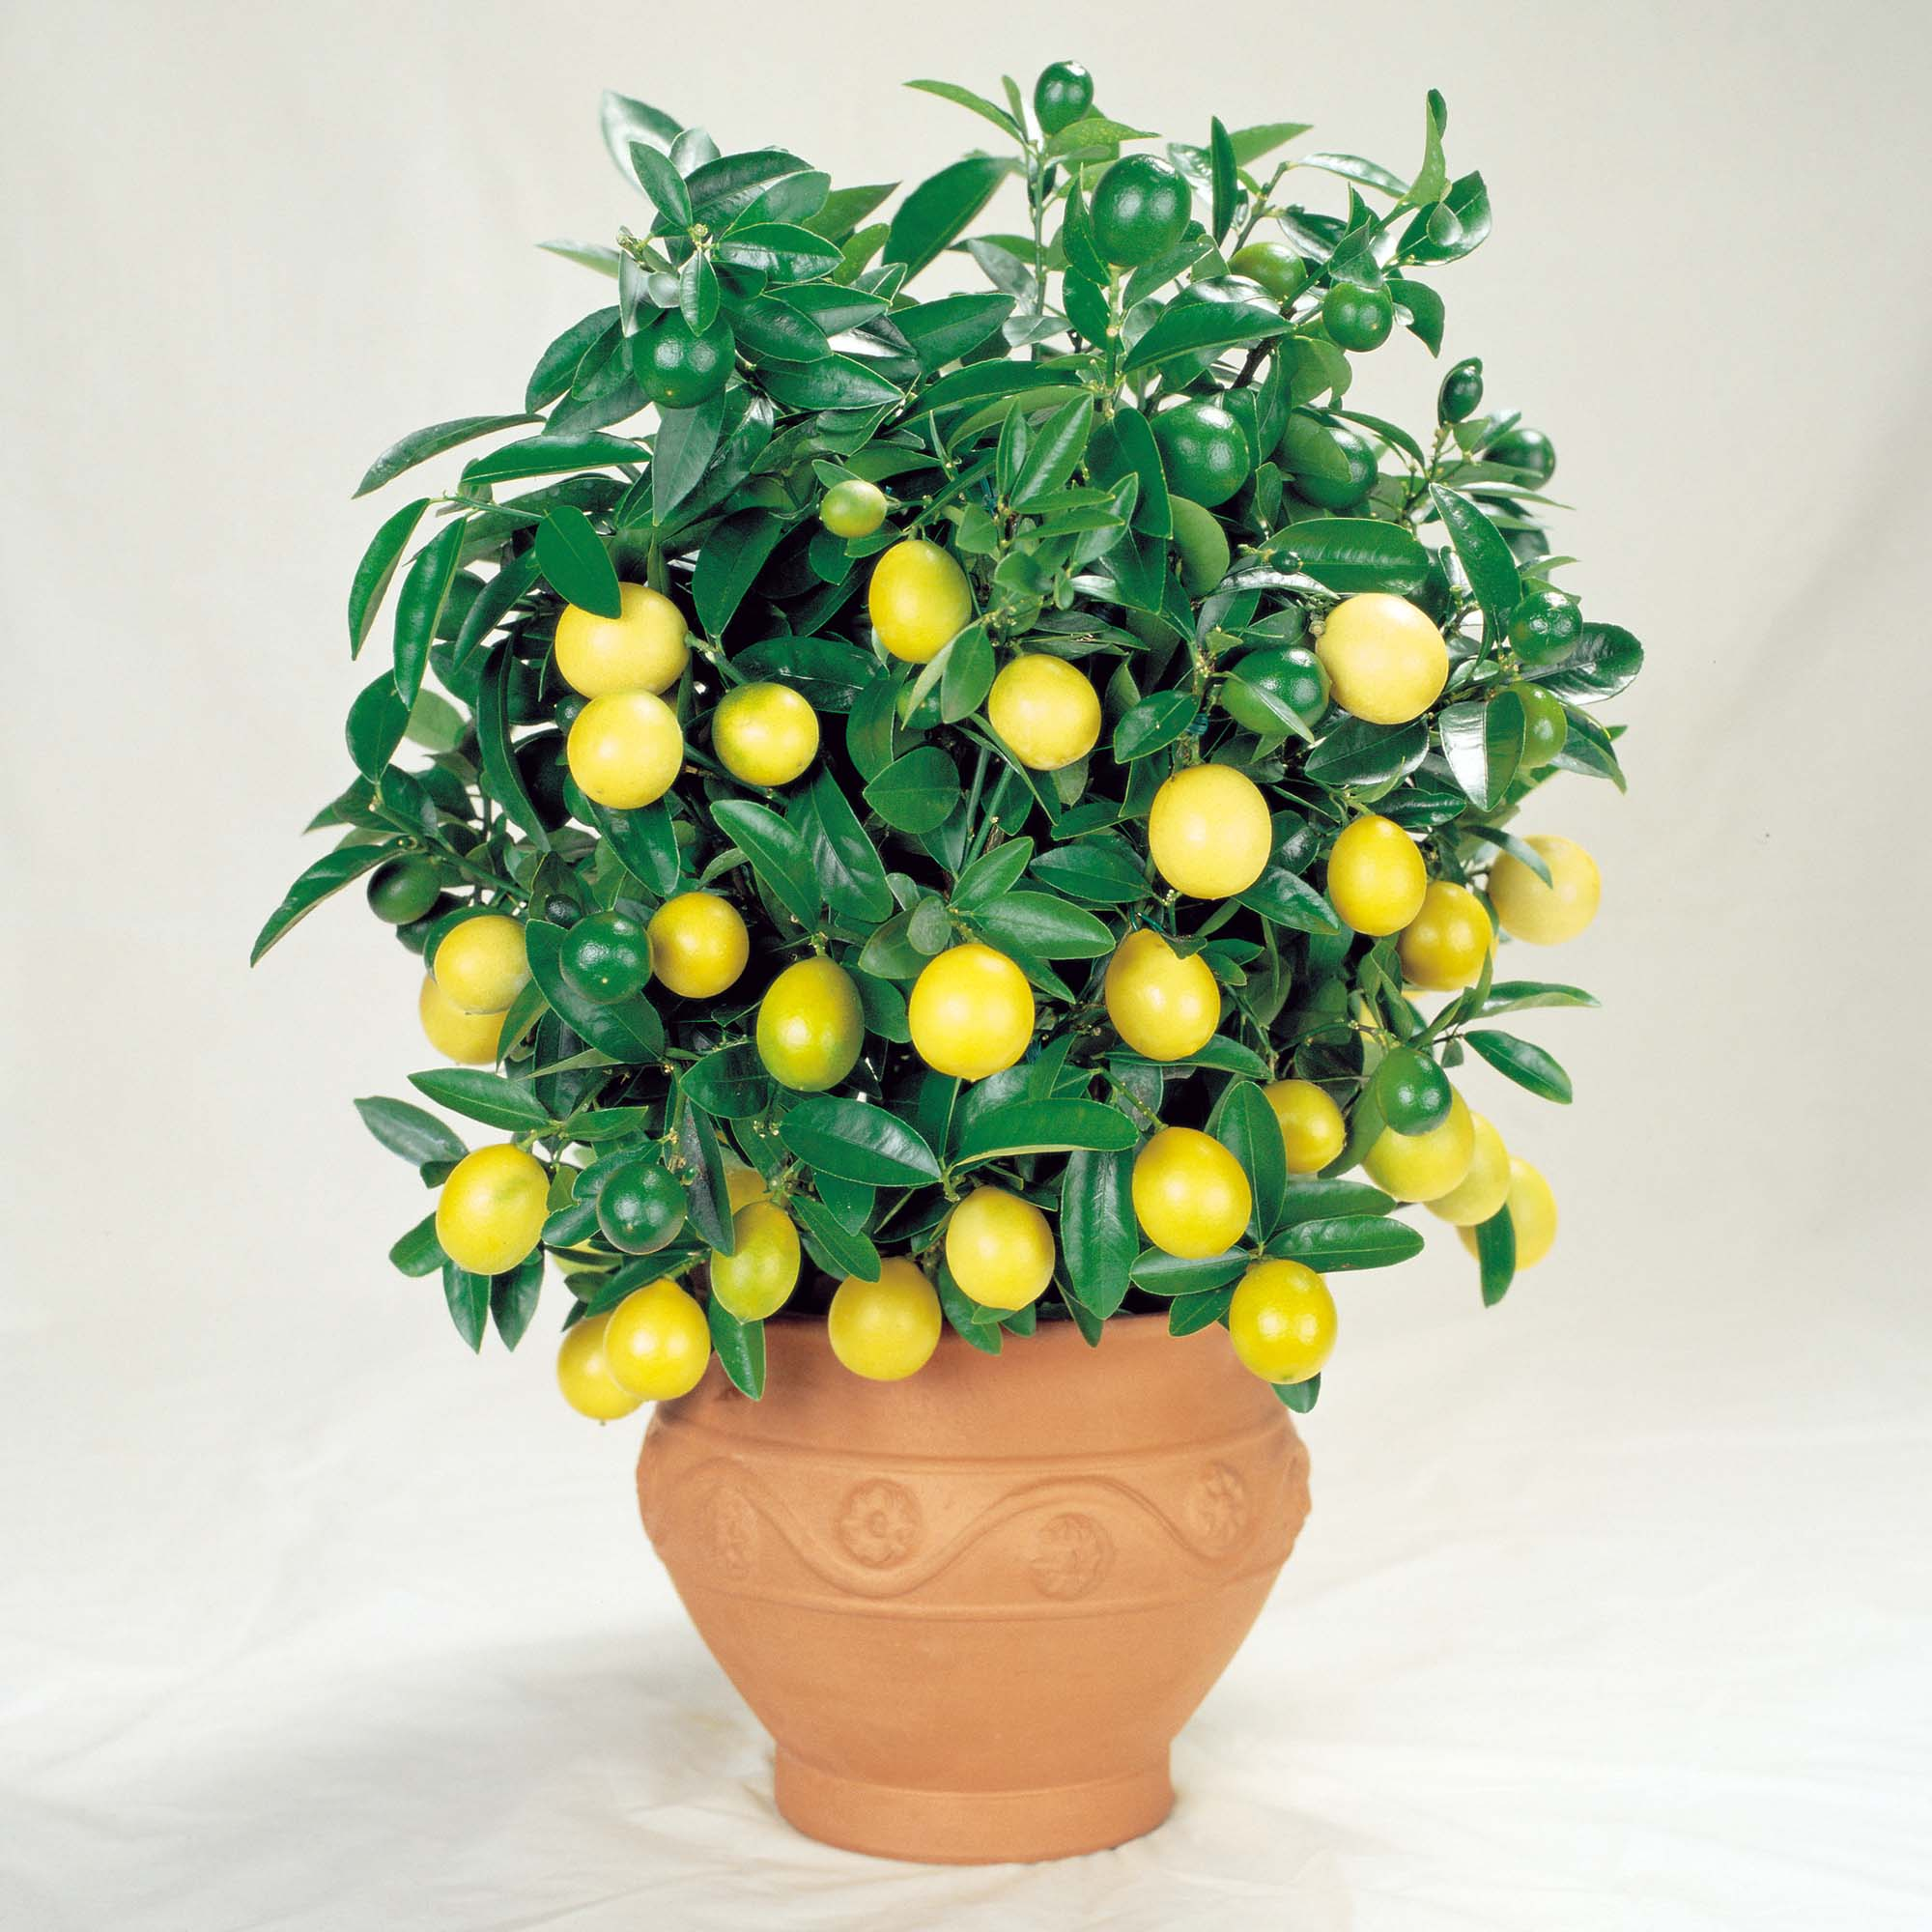 Sab as que puedes plantar estas frutas en tu casa sin necesitad de tener un jard n - Plantar limonero en maceta ...